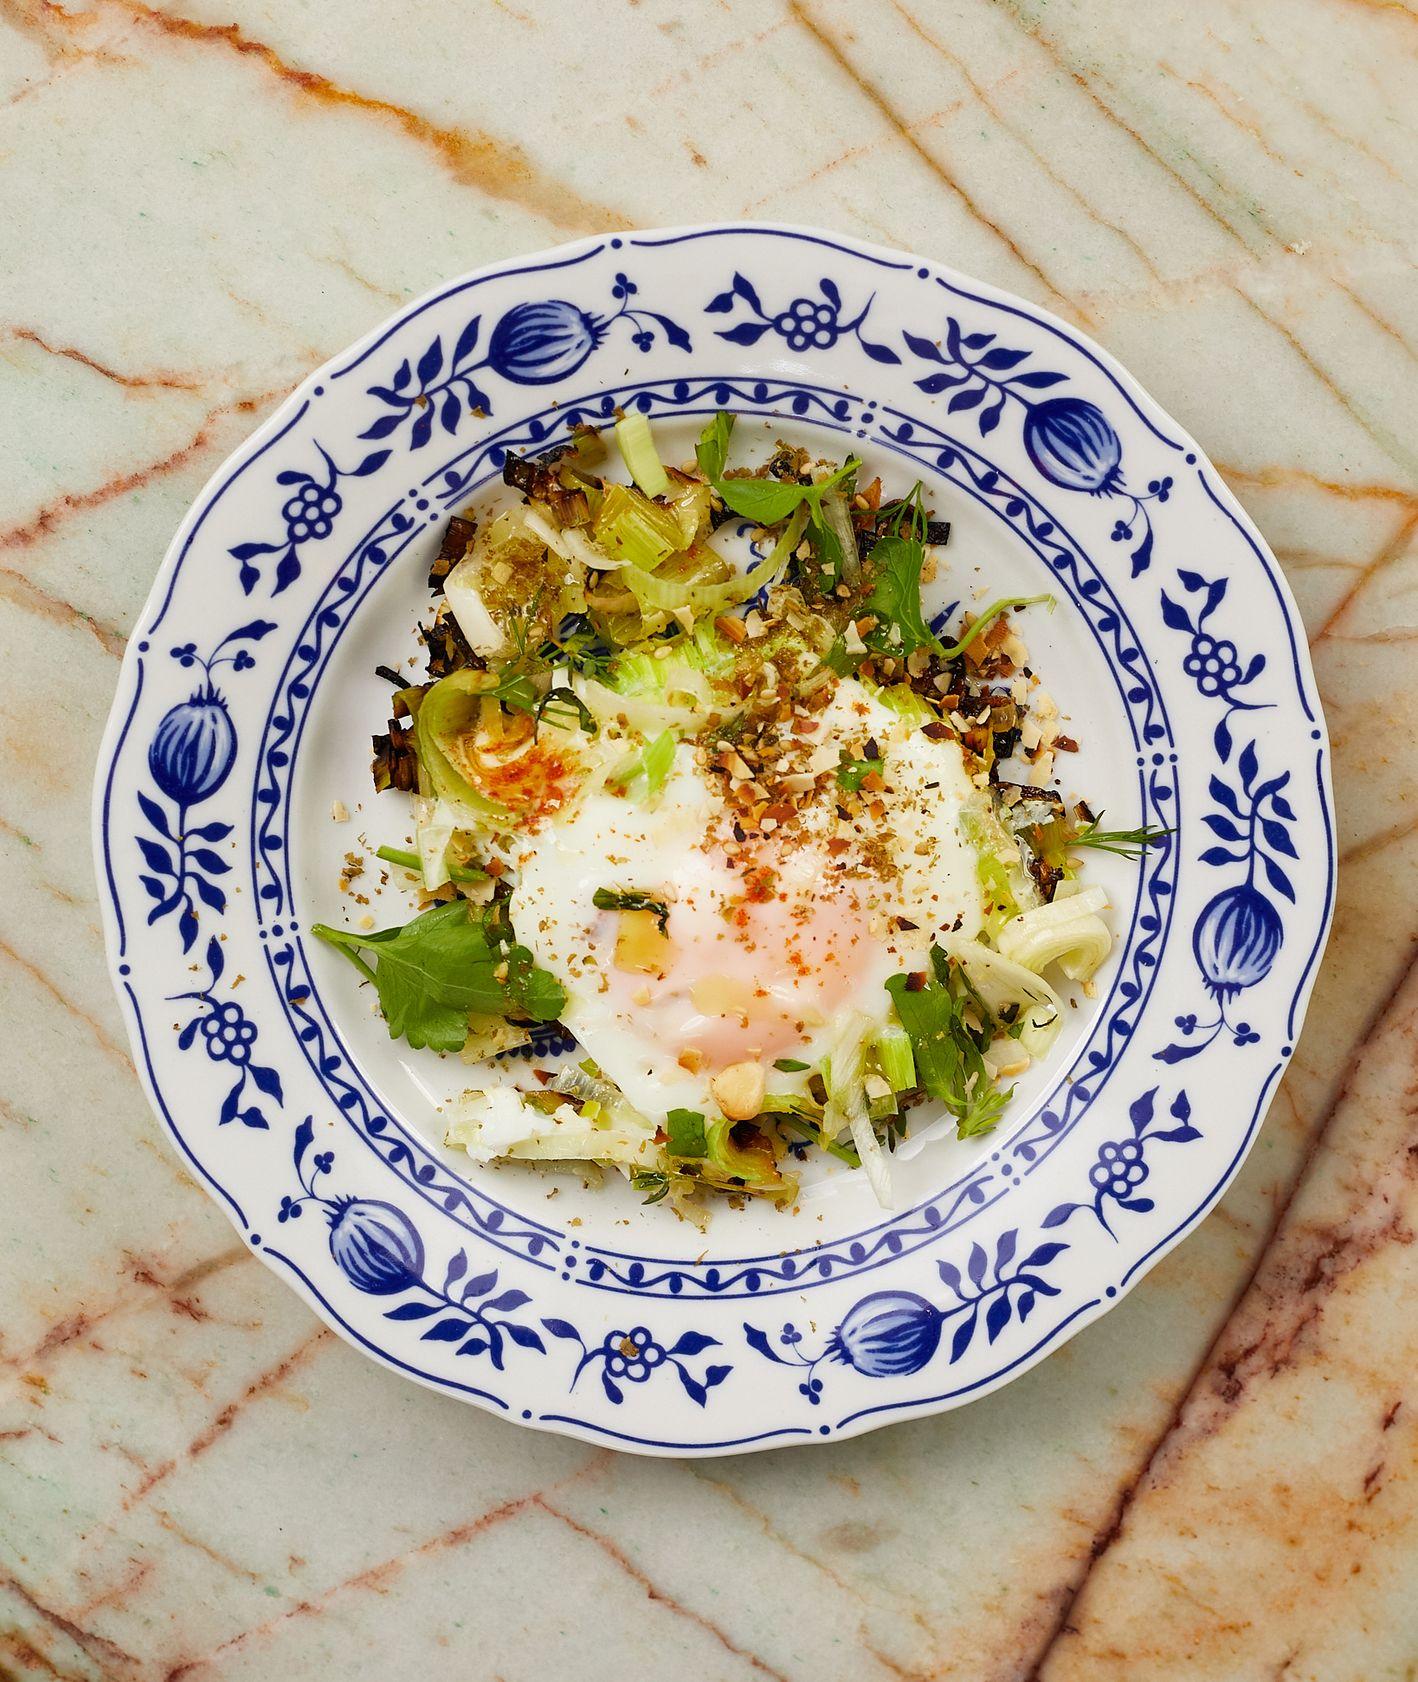 Przepis – jajka z porem i zieleniną, pomysł na obiad z porem, kuchnia izraelska (fot. Maciej Niemojewski)